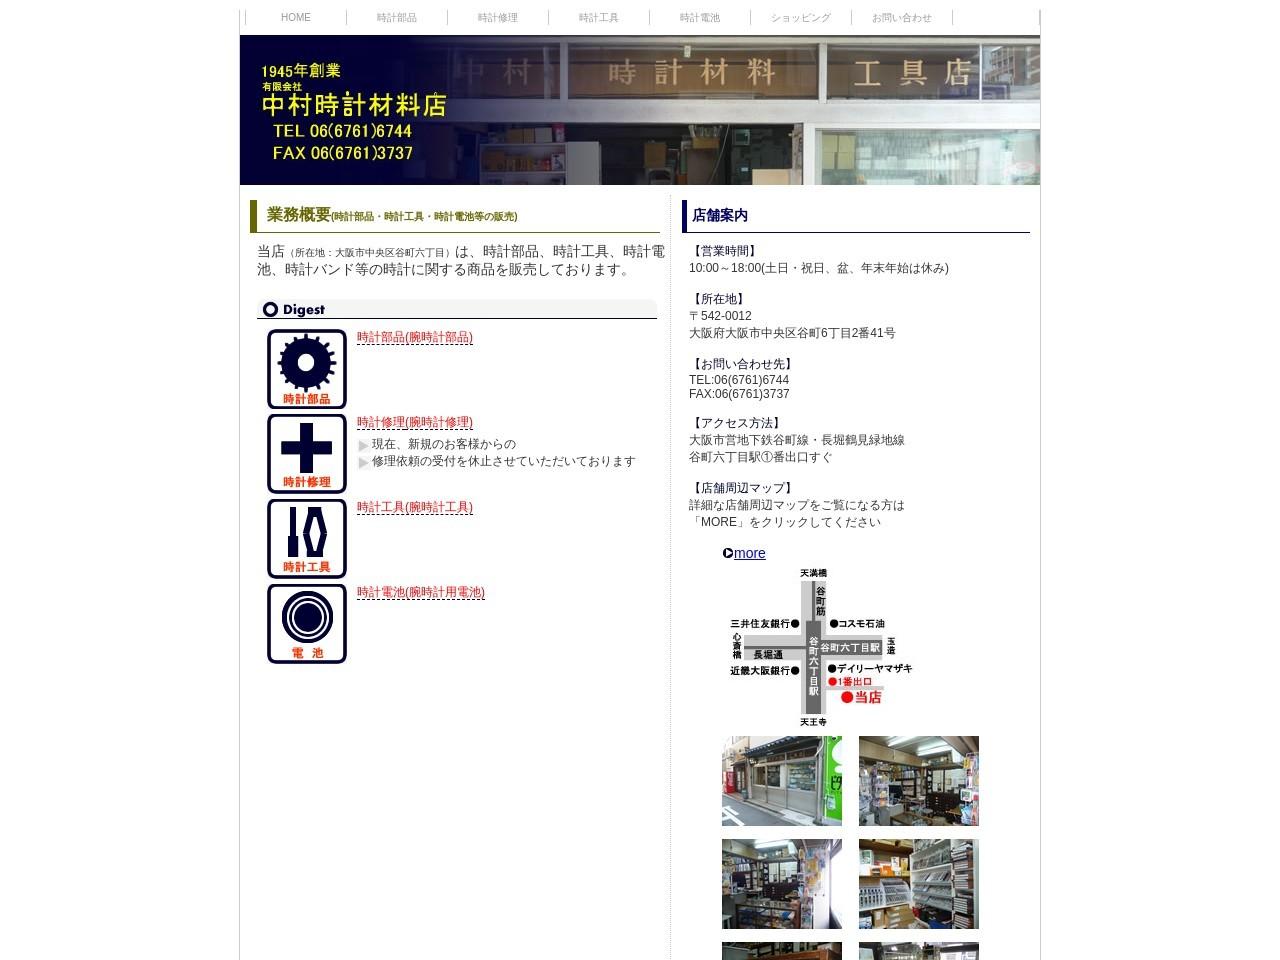 中村時計材料店-時計部品・工具等の販売、時計修理|大阪|